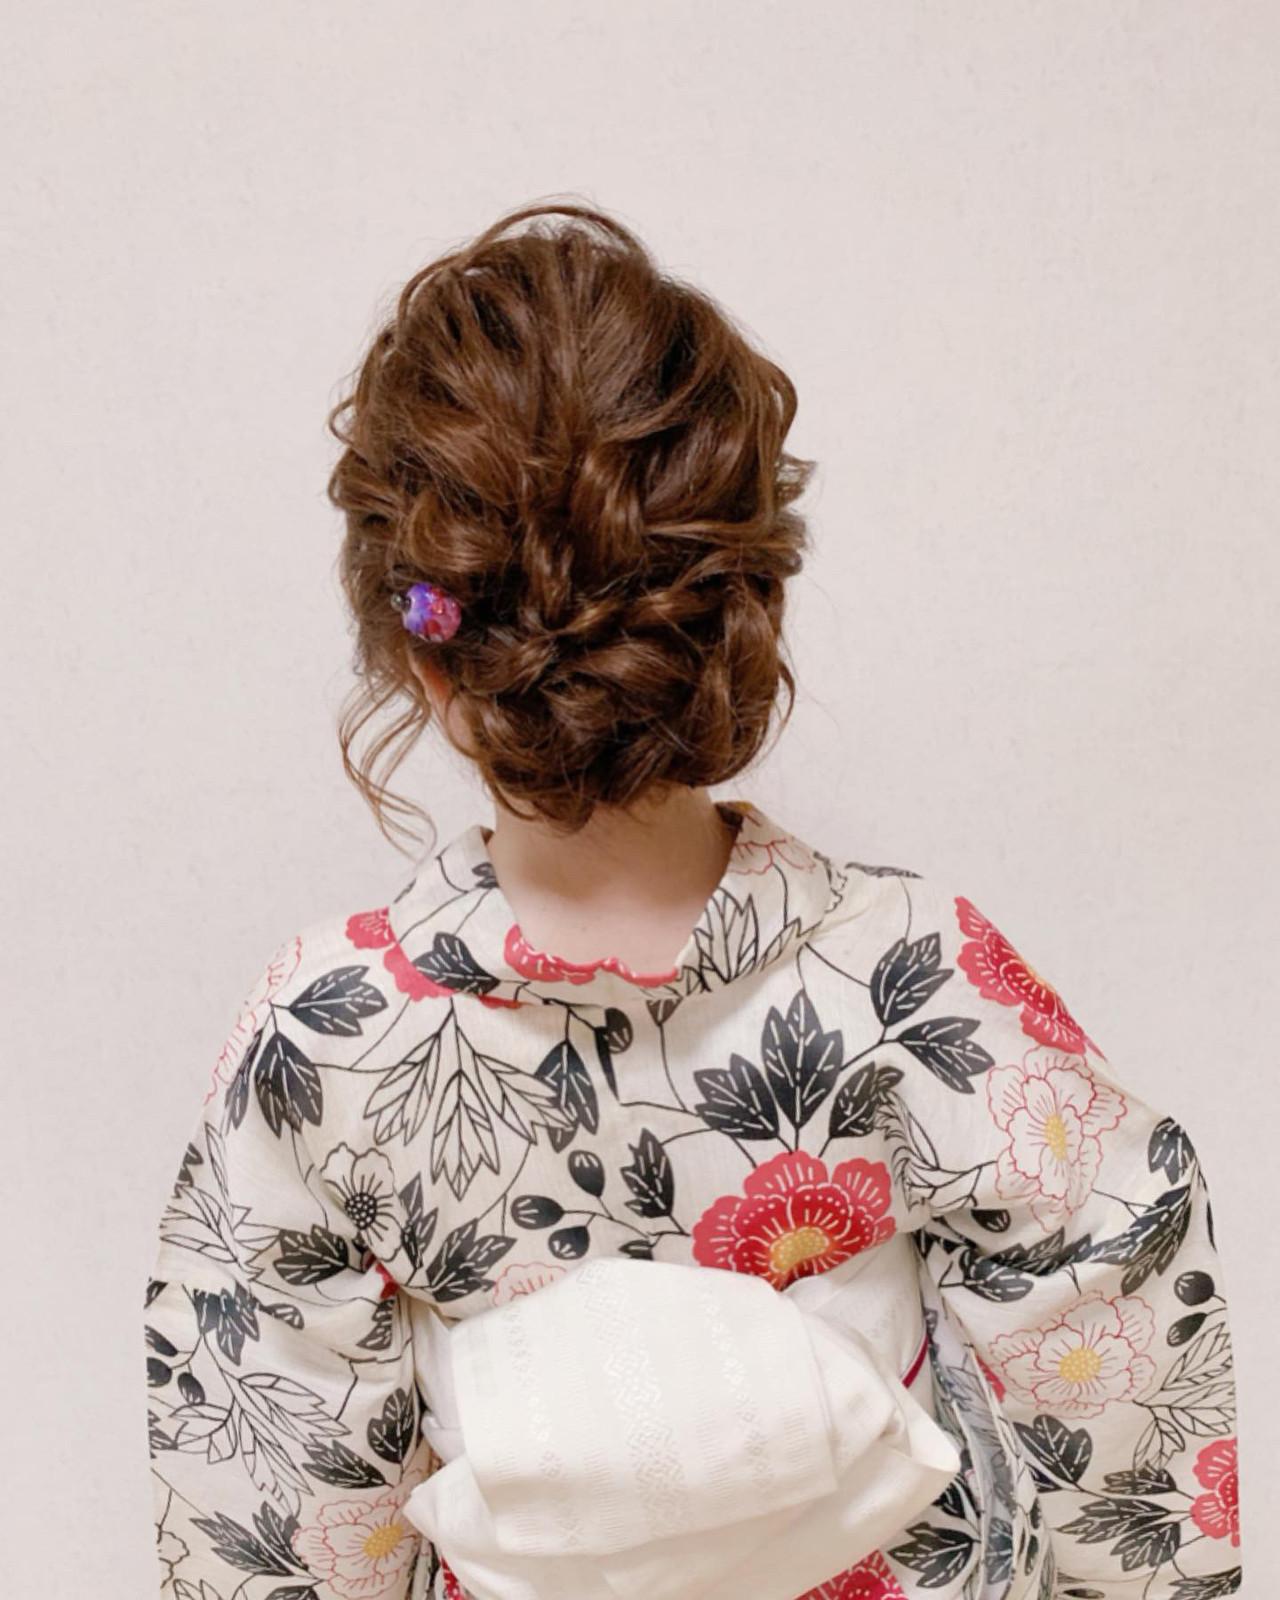 浴衣ヘア エレガント ヘアアレンジ 結婚式 ヘアスタイルや髪型の写真・画像 | Moriyama Mami / 福岡天神ヘアセット・着付け専門店【Three-keys】